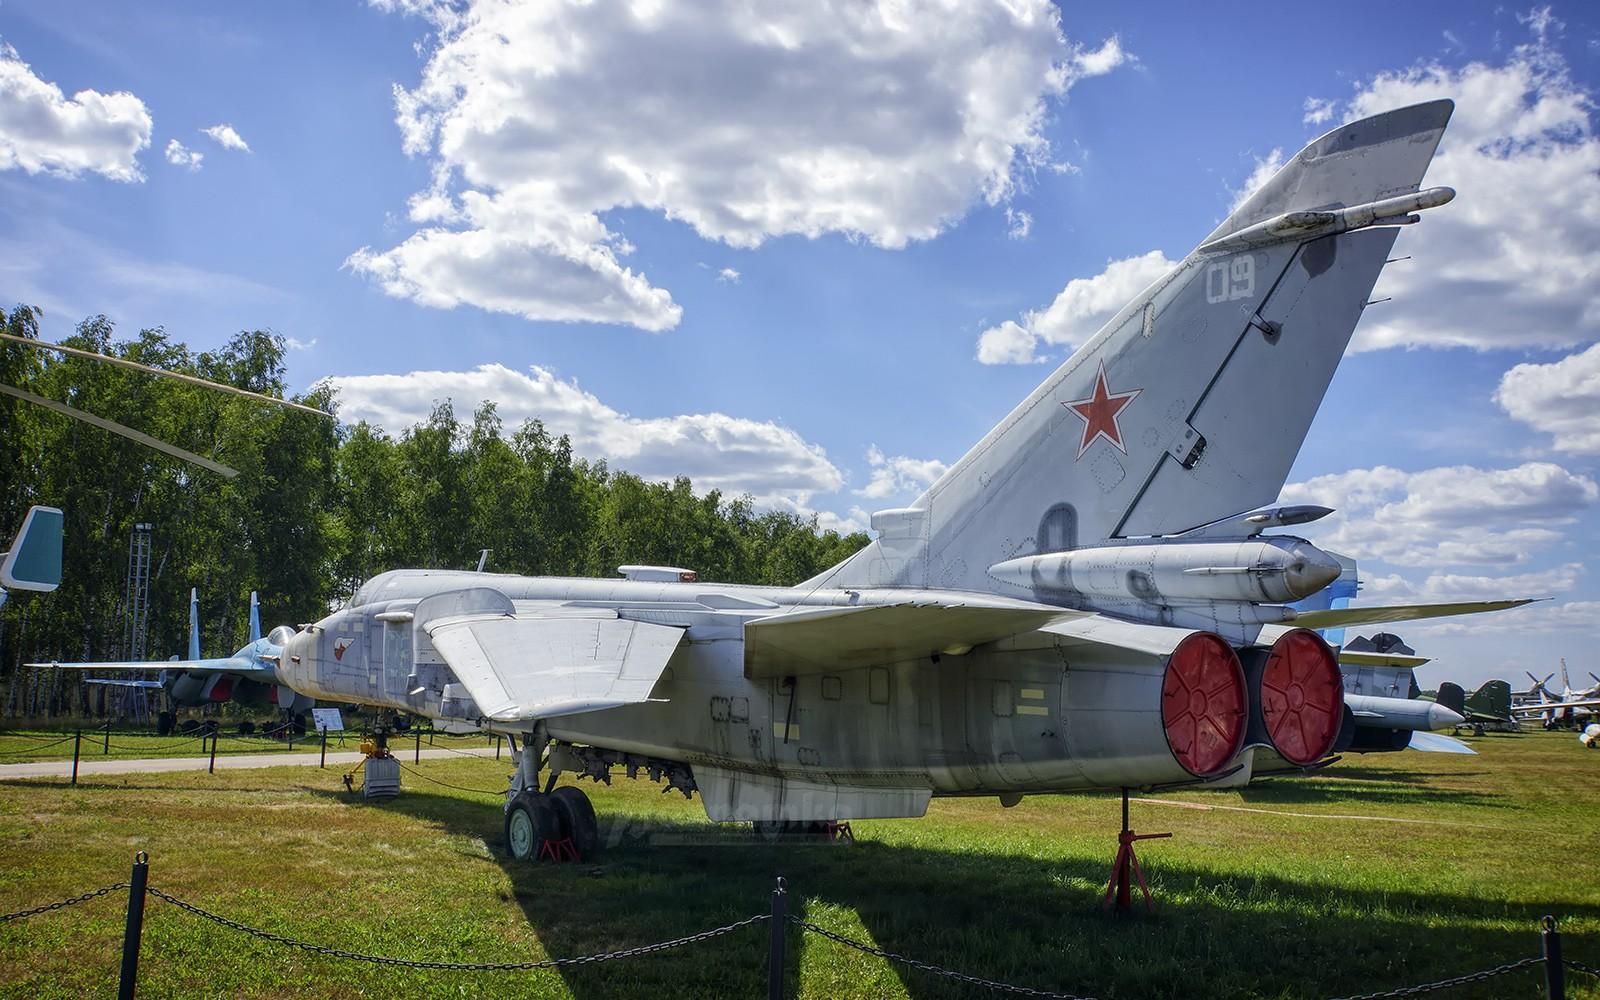 Фото самолетов музея монино 2